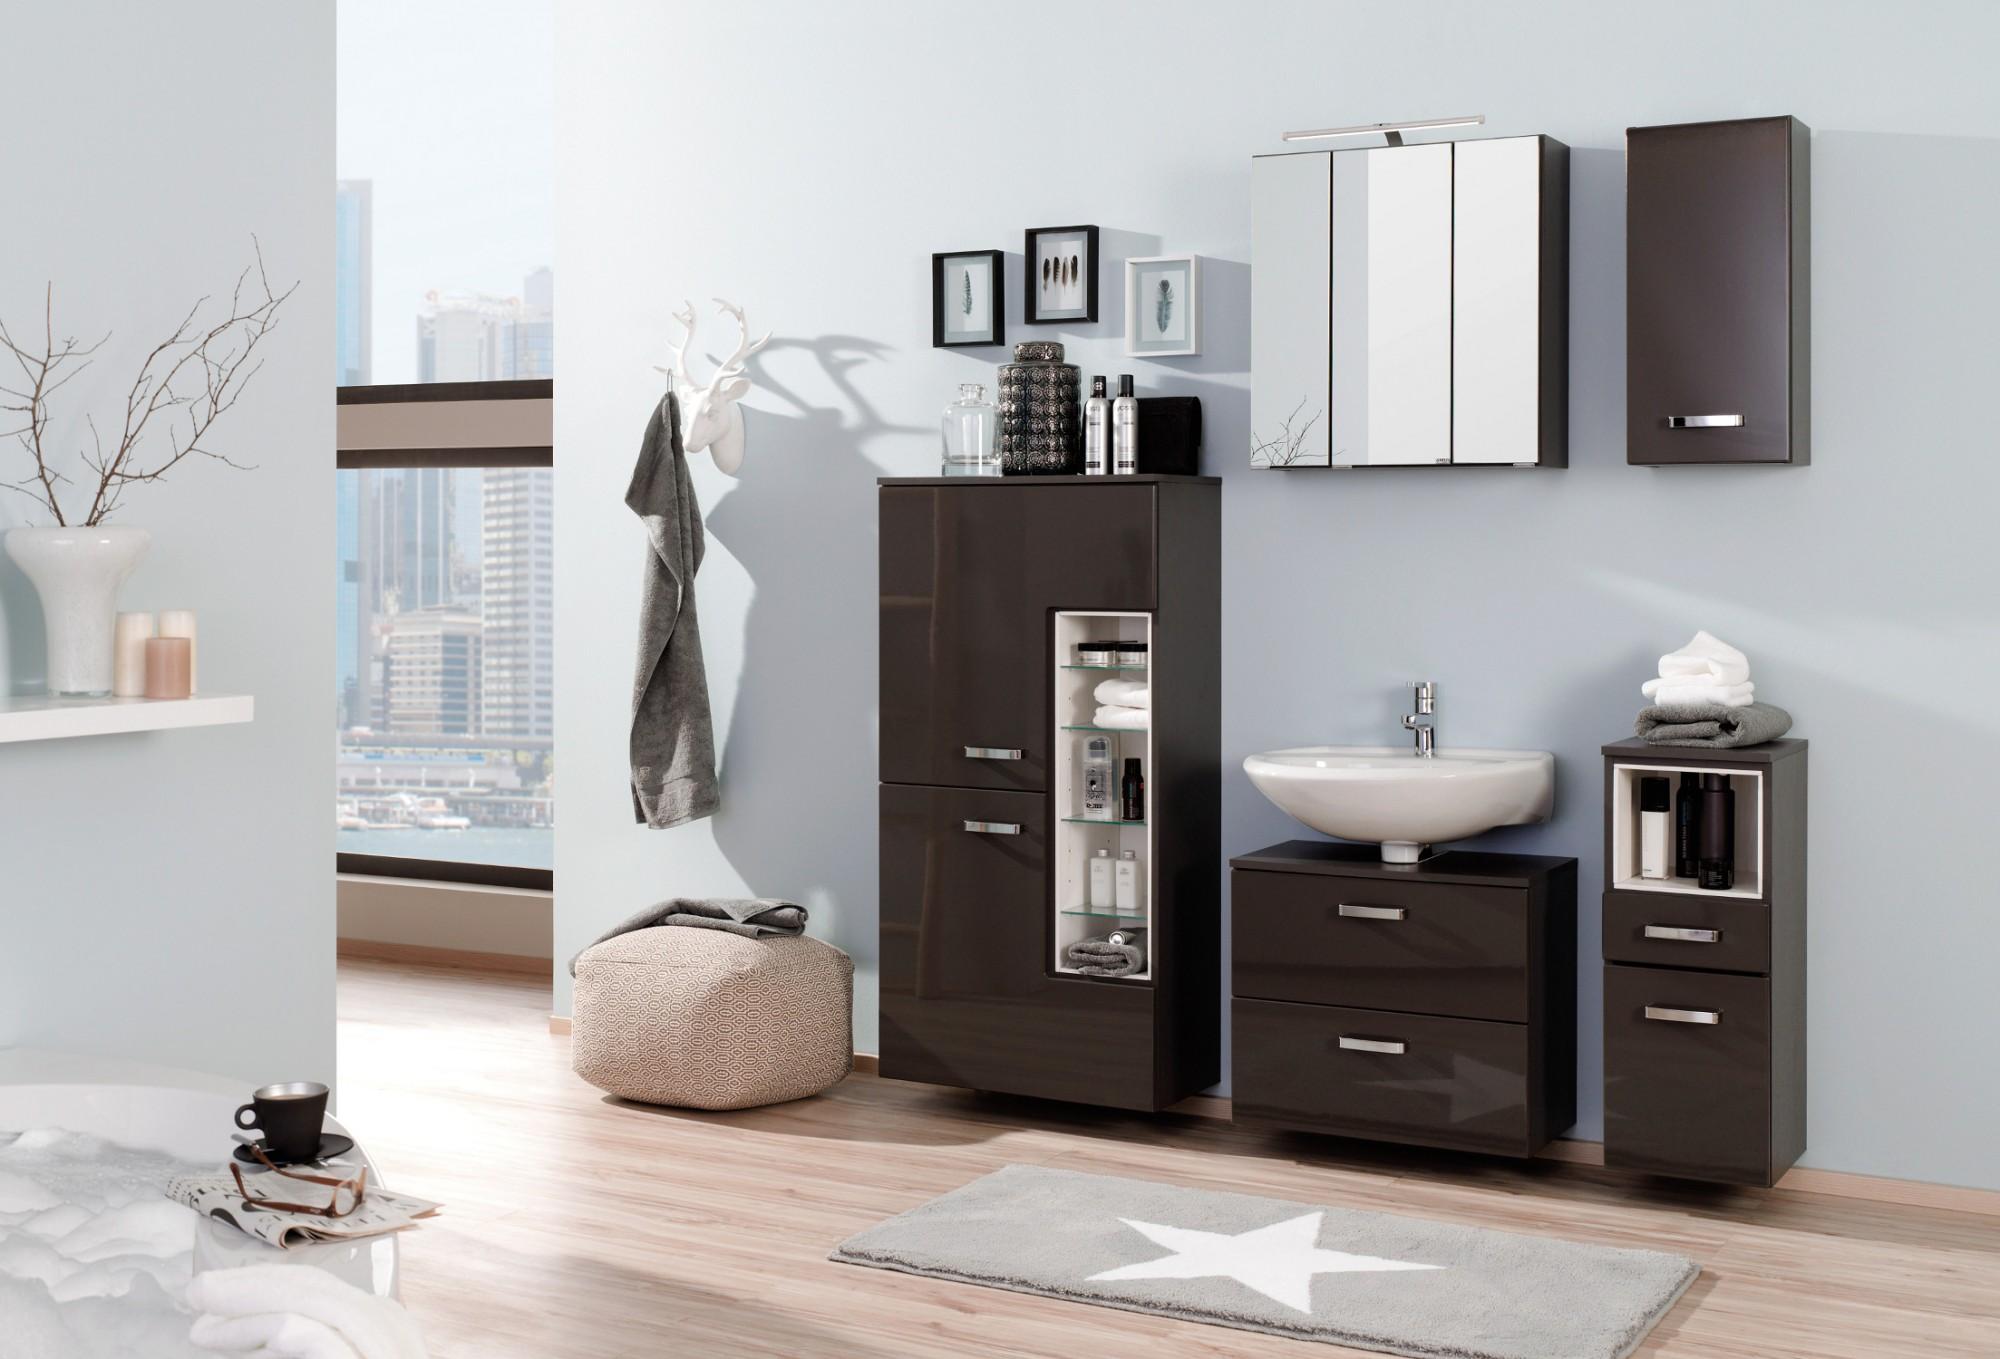 Badezimmermöbel weiß grau  Beste Ideen, Design, Schnappschuss & Beispiele von Moderne ...